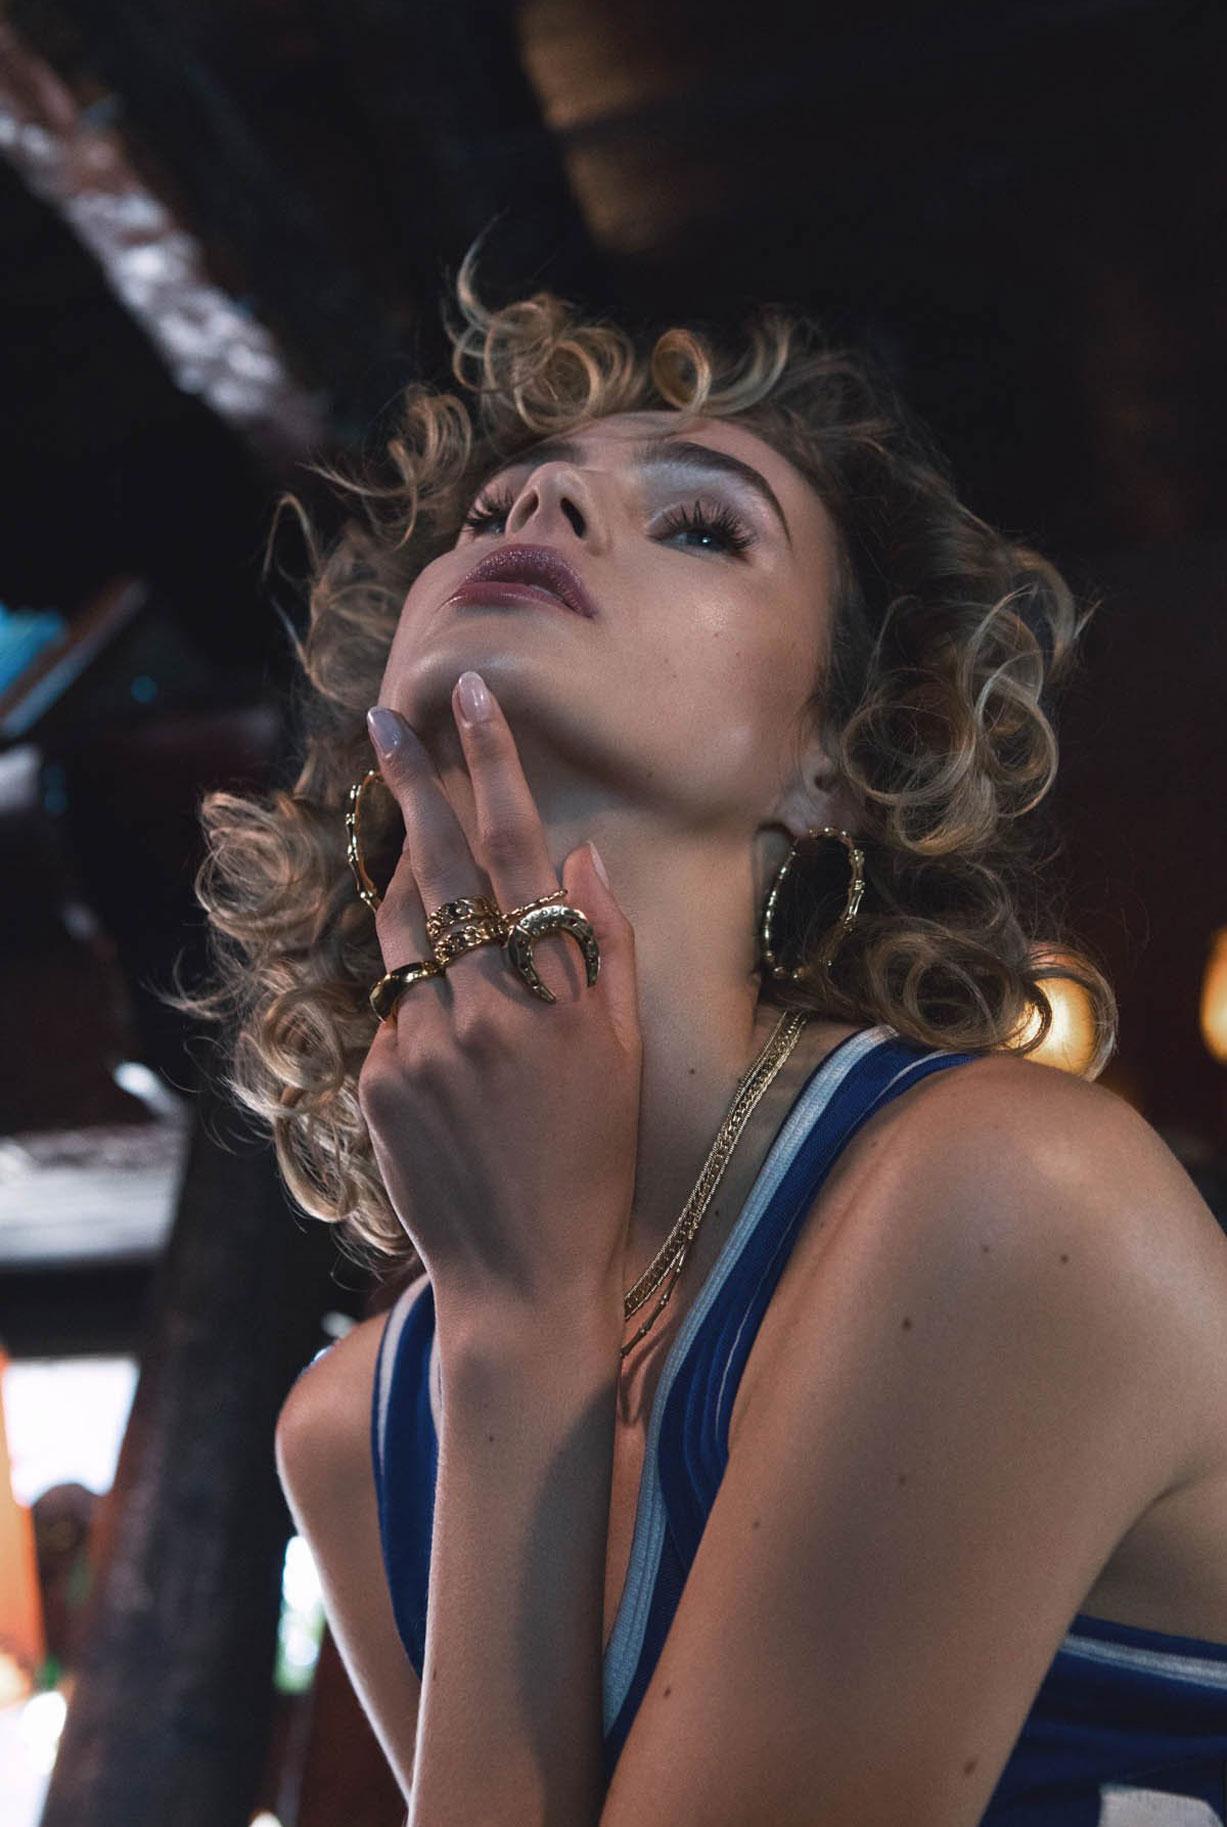 Жужу Иванюк в рекламной кампании одежды и драгоценностей модного бренда Vanessa Mooney / фото 08